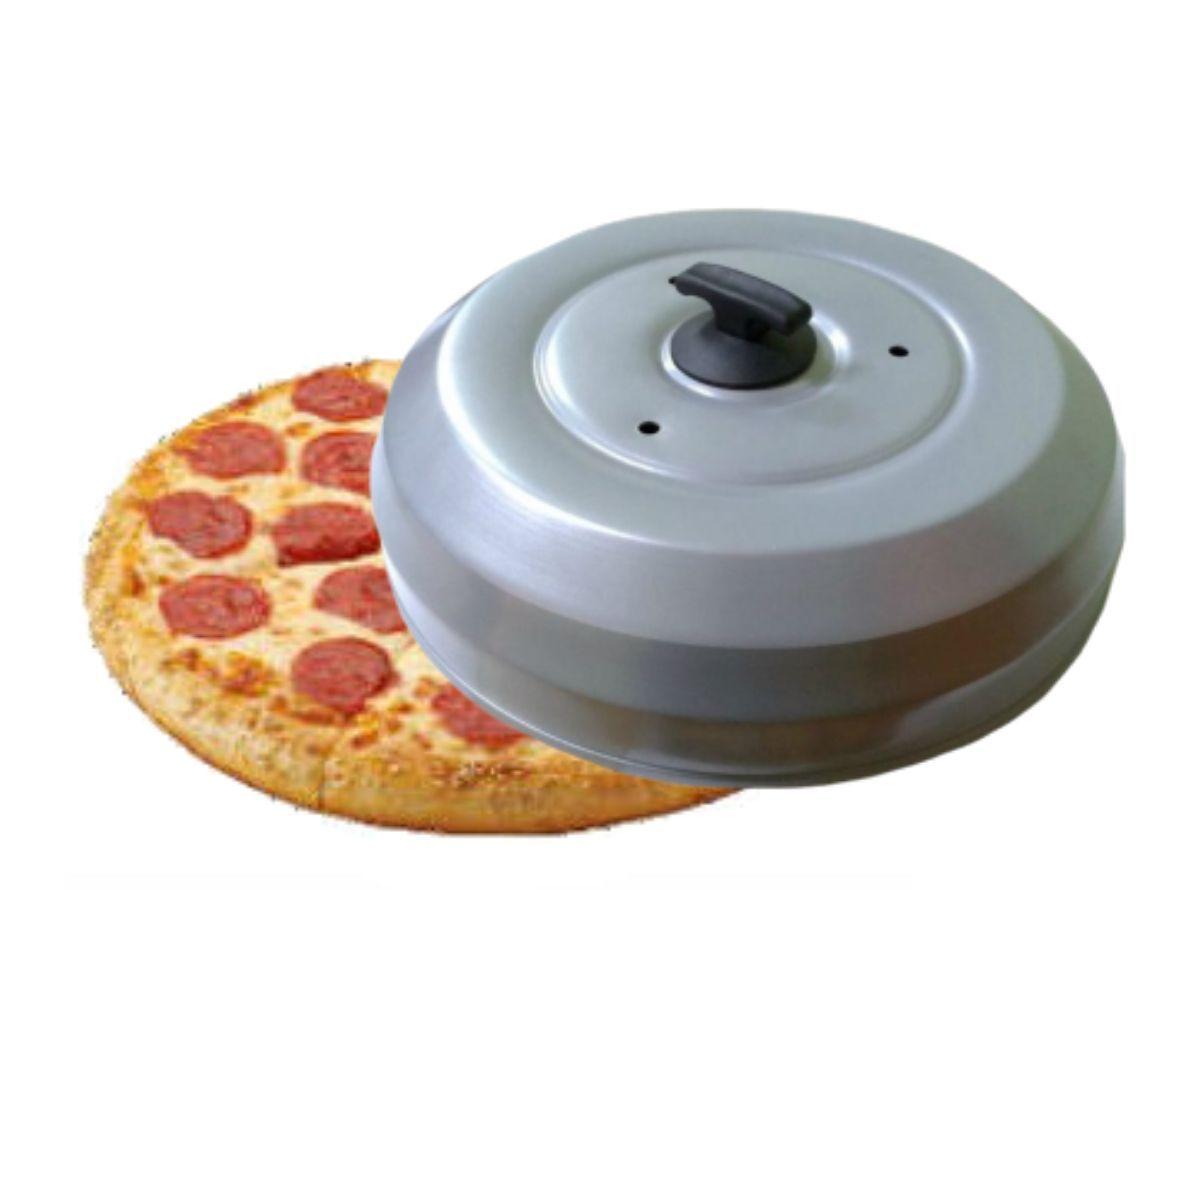 Abafador De Pizza Cinza Em Alumínio Grande 40cm - Gallizzi